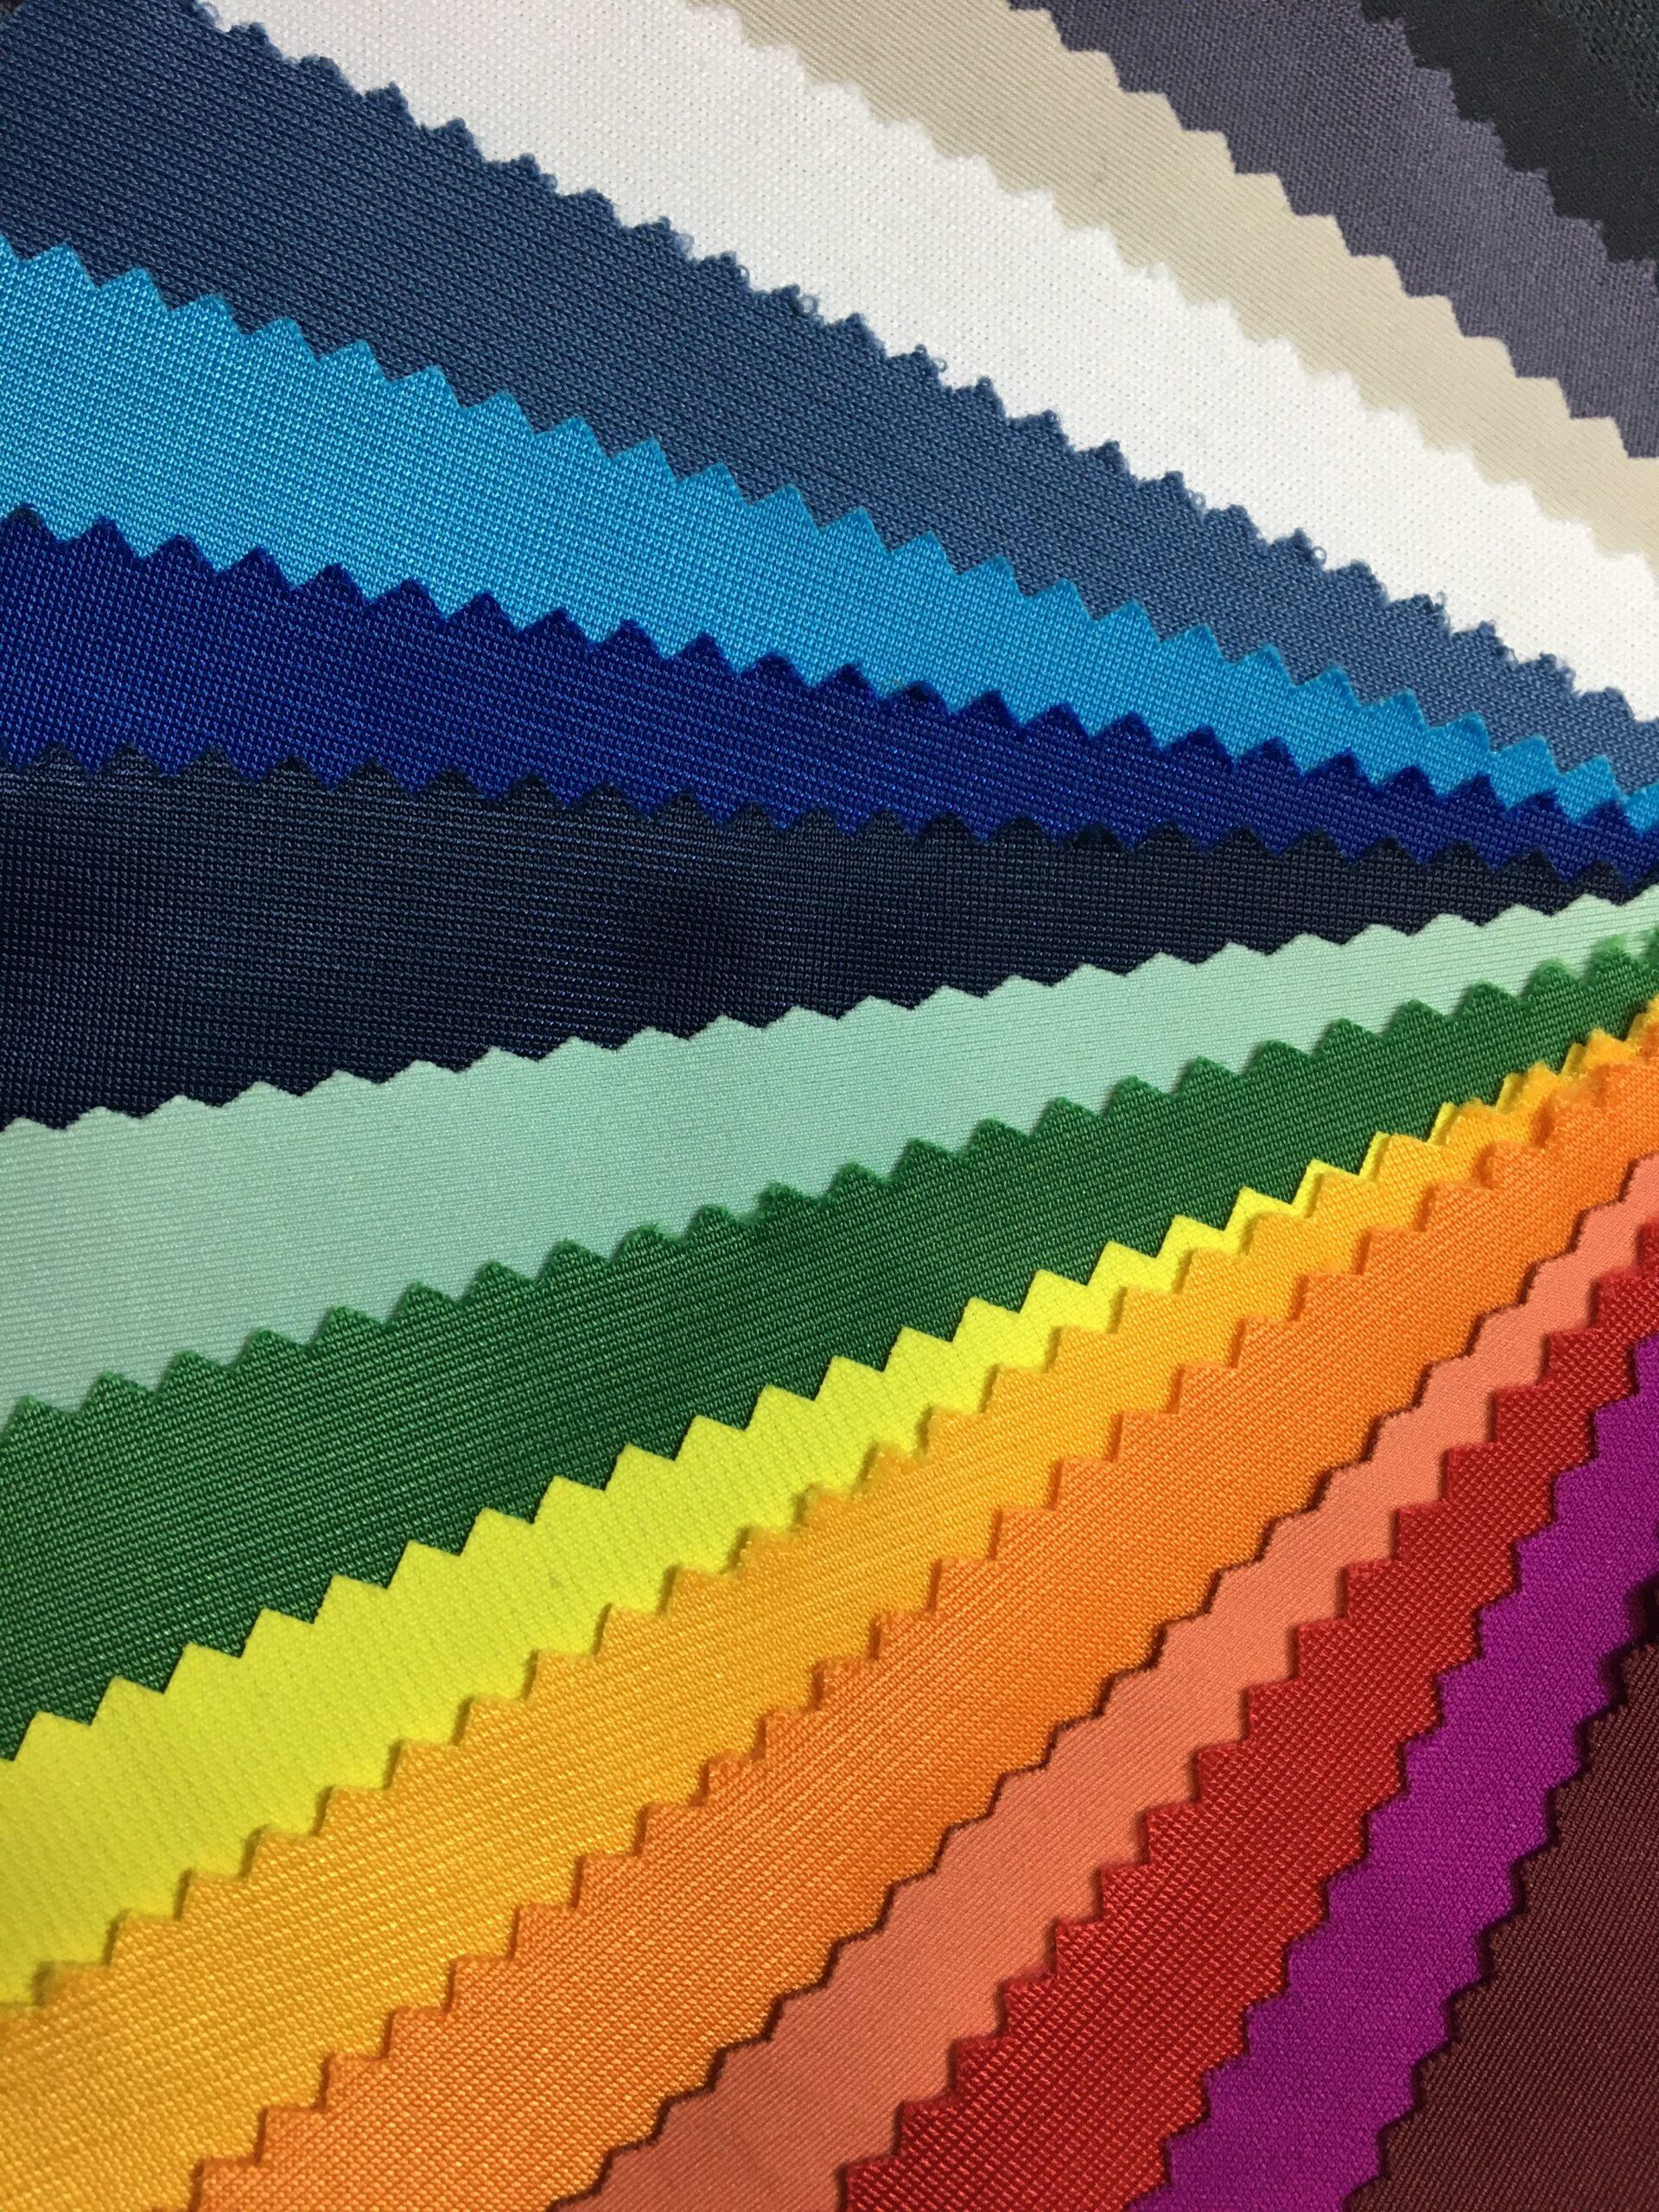 fabrics-made-from-plastics